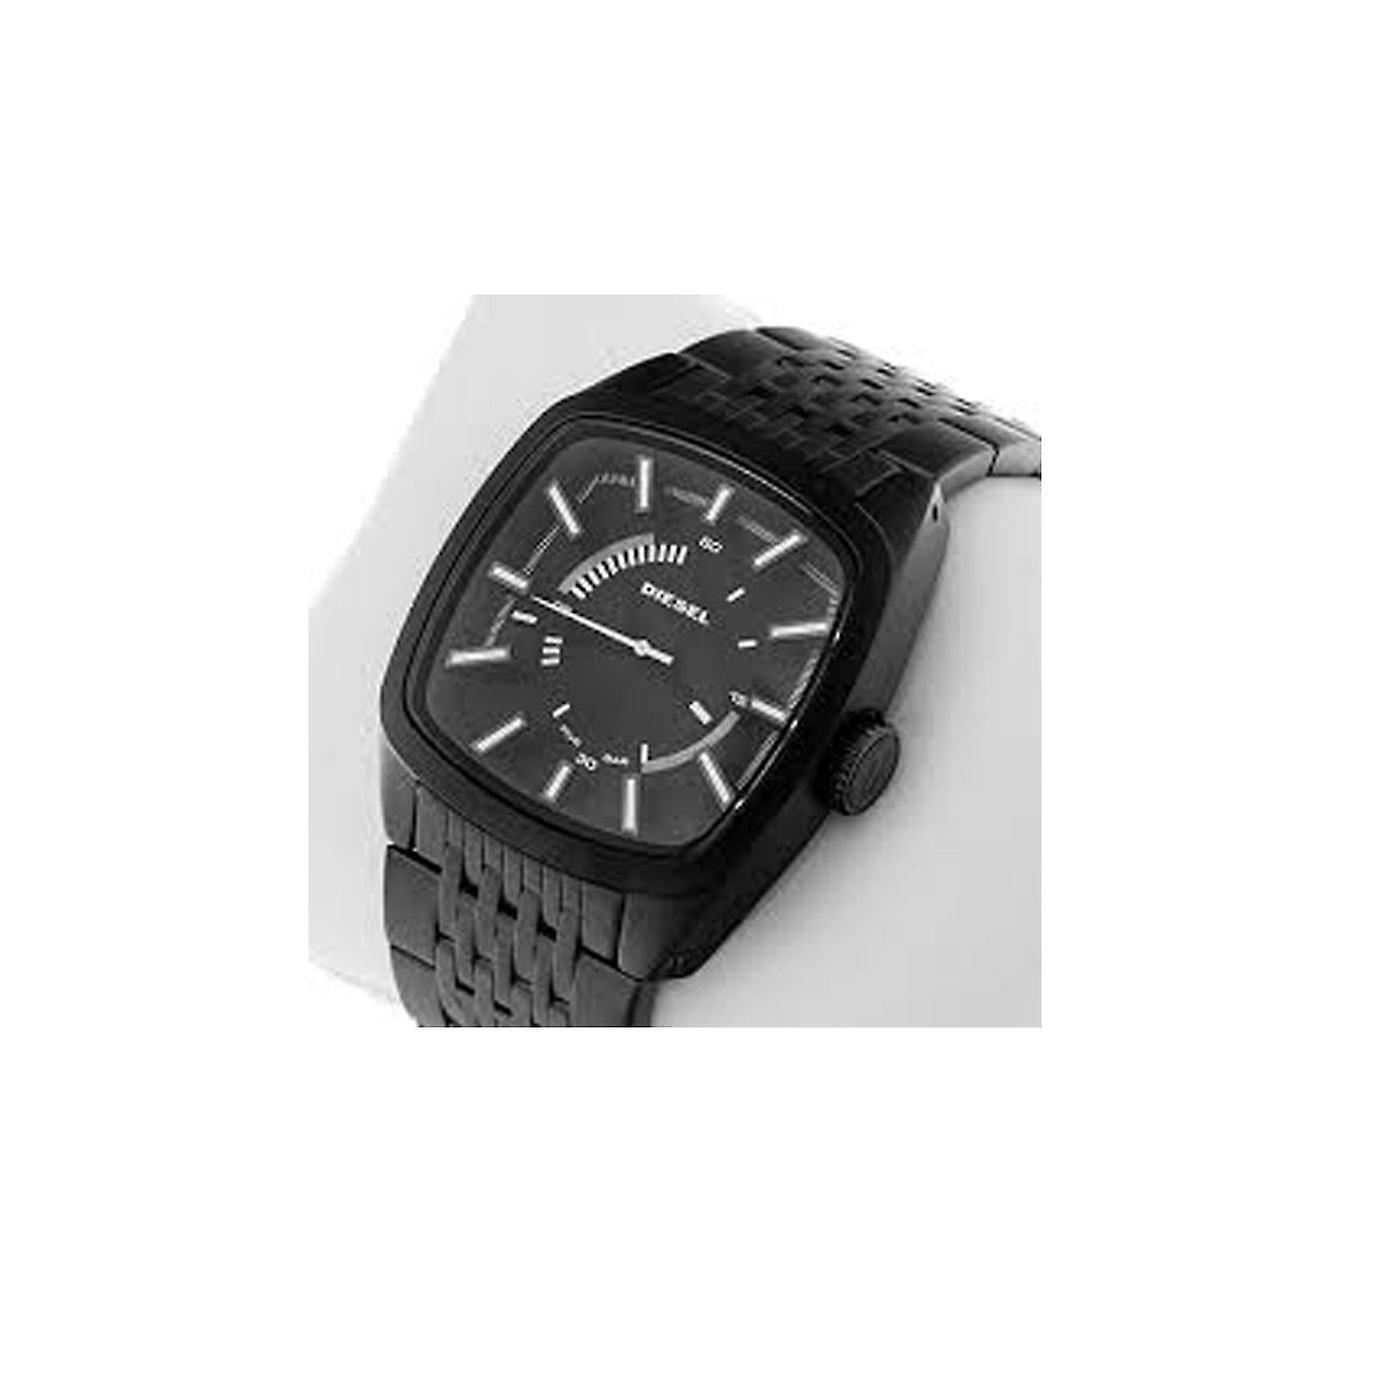 Diesel Mens Watch DZ1586 - Sale Now On